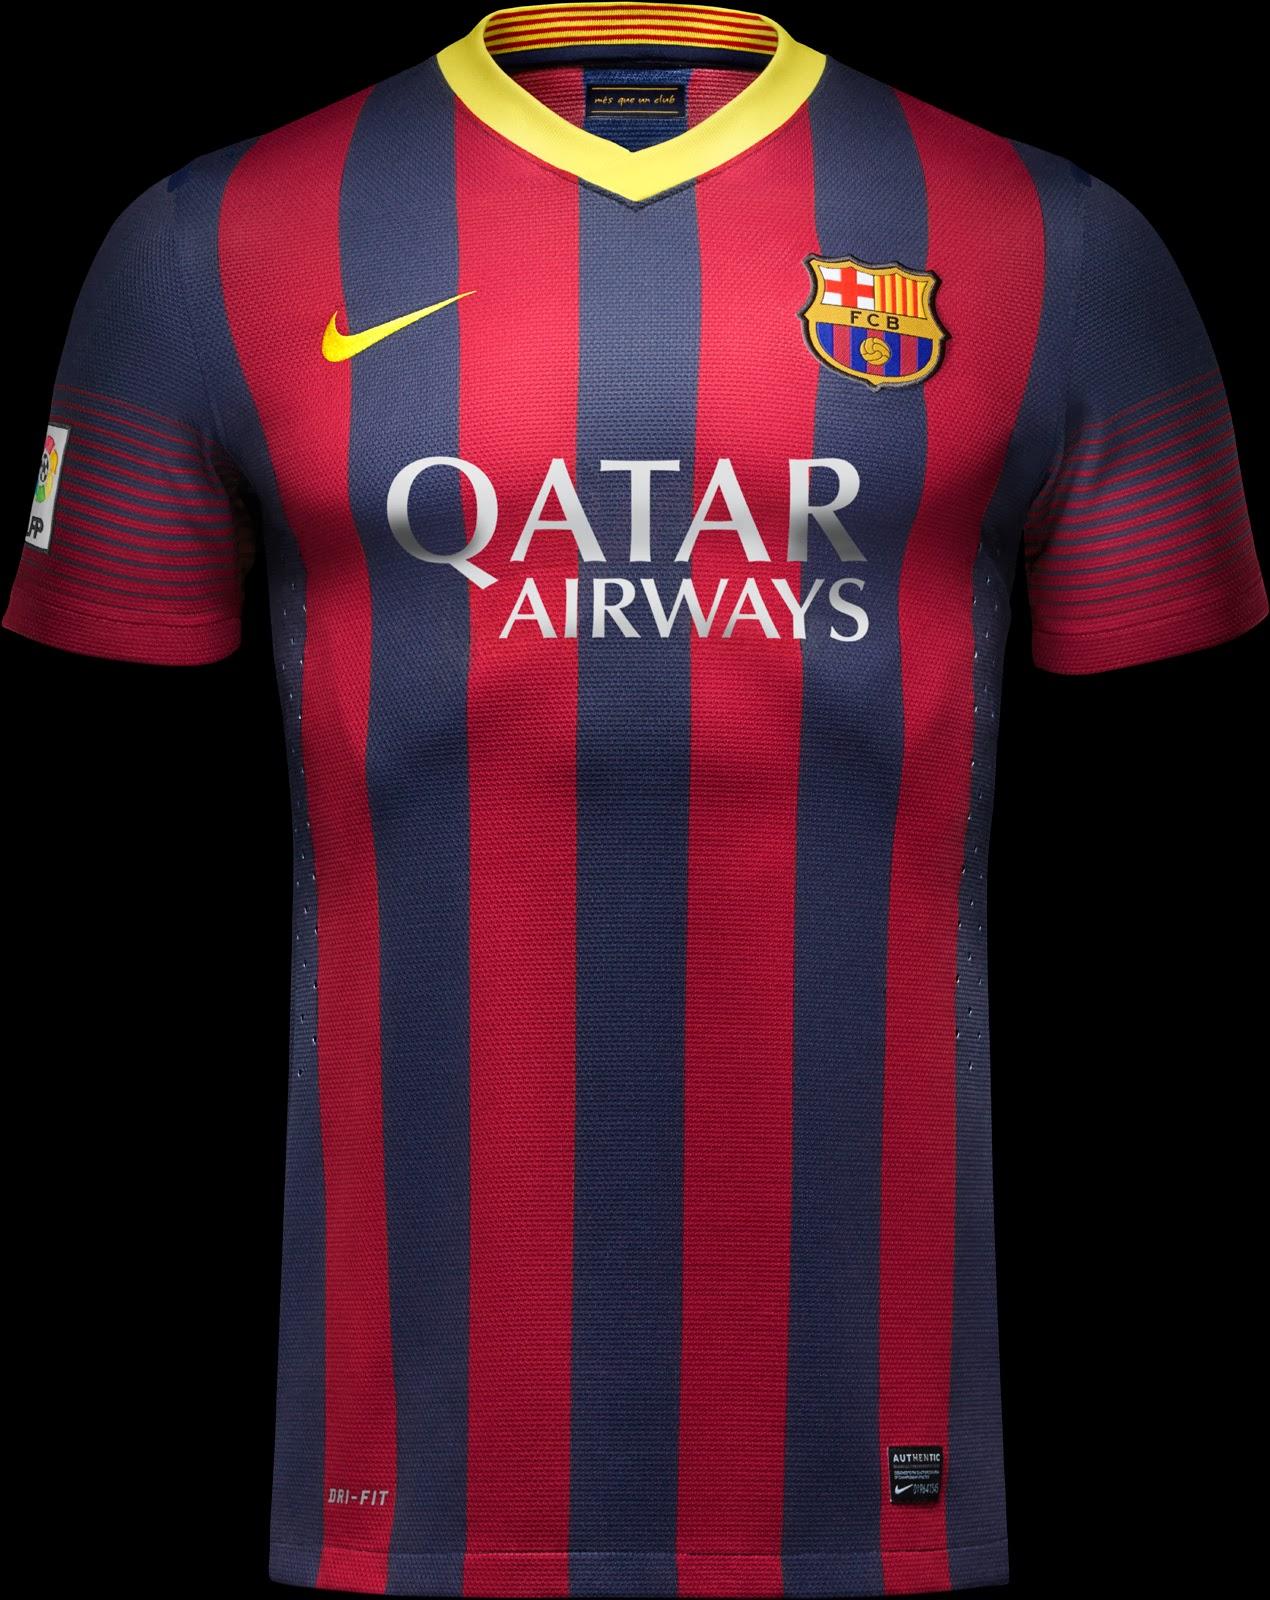 """J A K O Lubuk Pakam: Jersey Barcelona """" Barca """" ( All"""